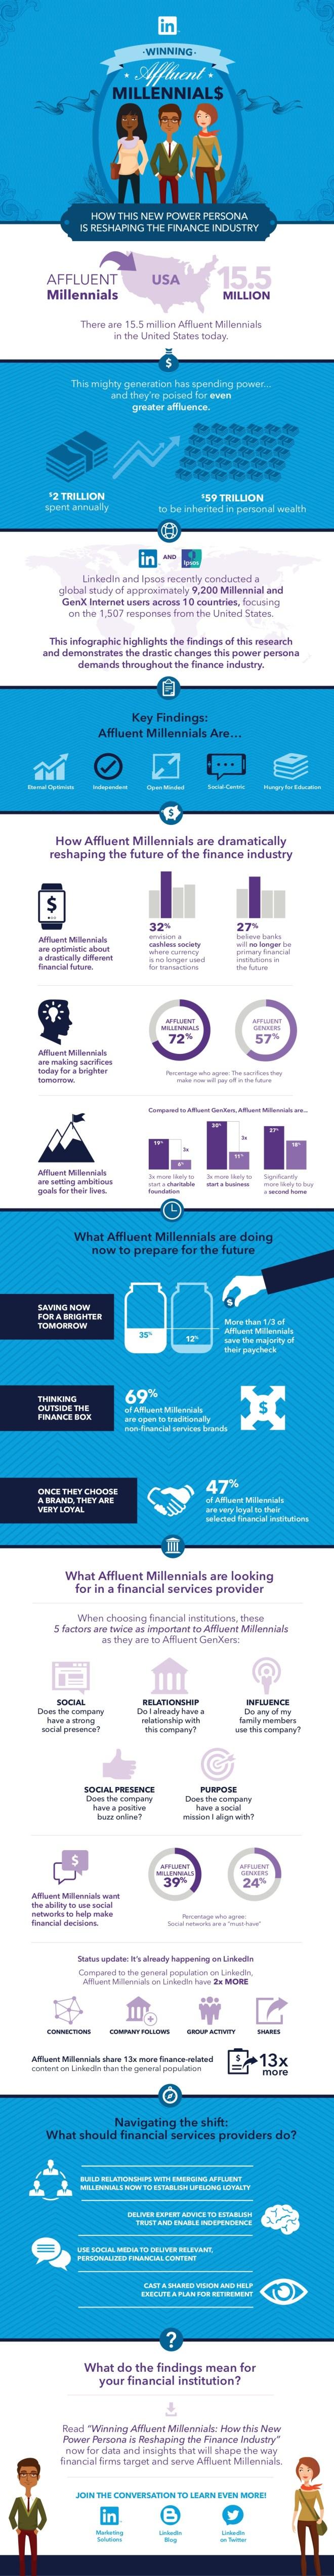 Los Millenials están remodelando el futuro de las finanzas